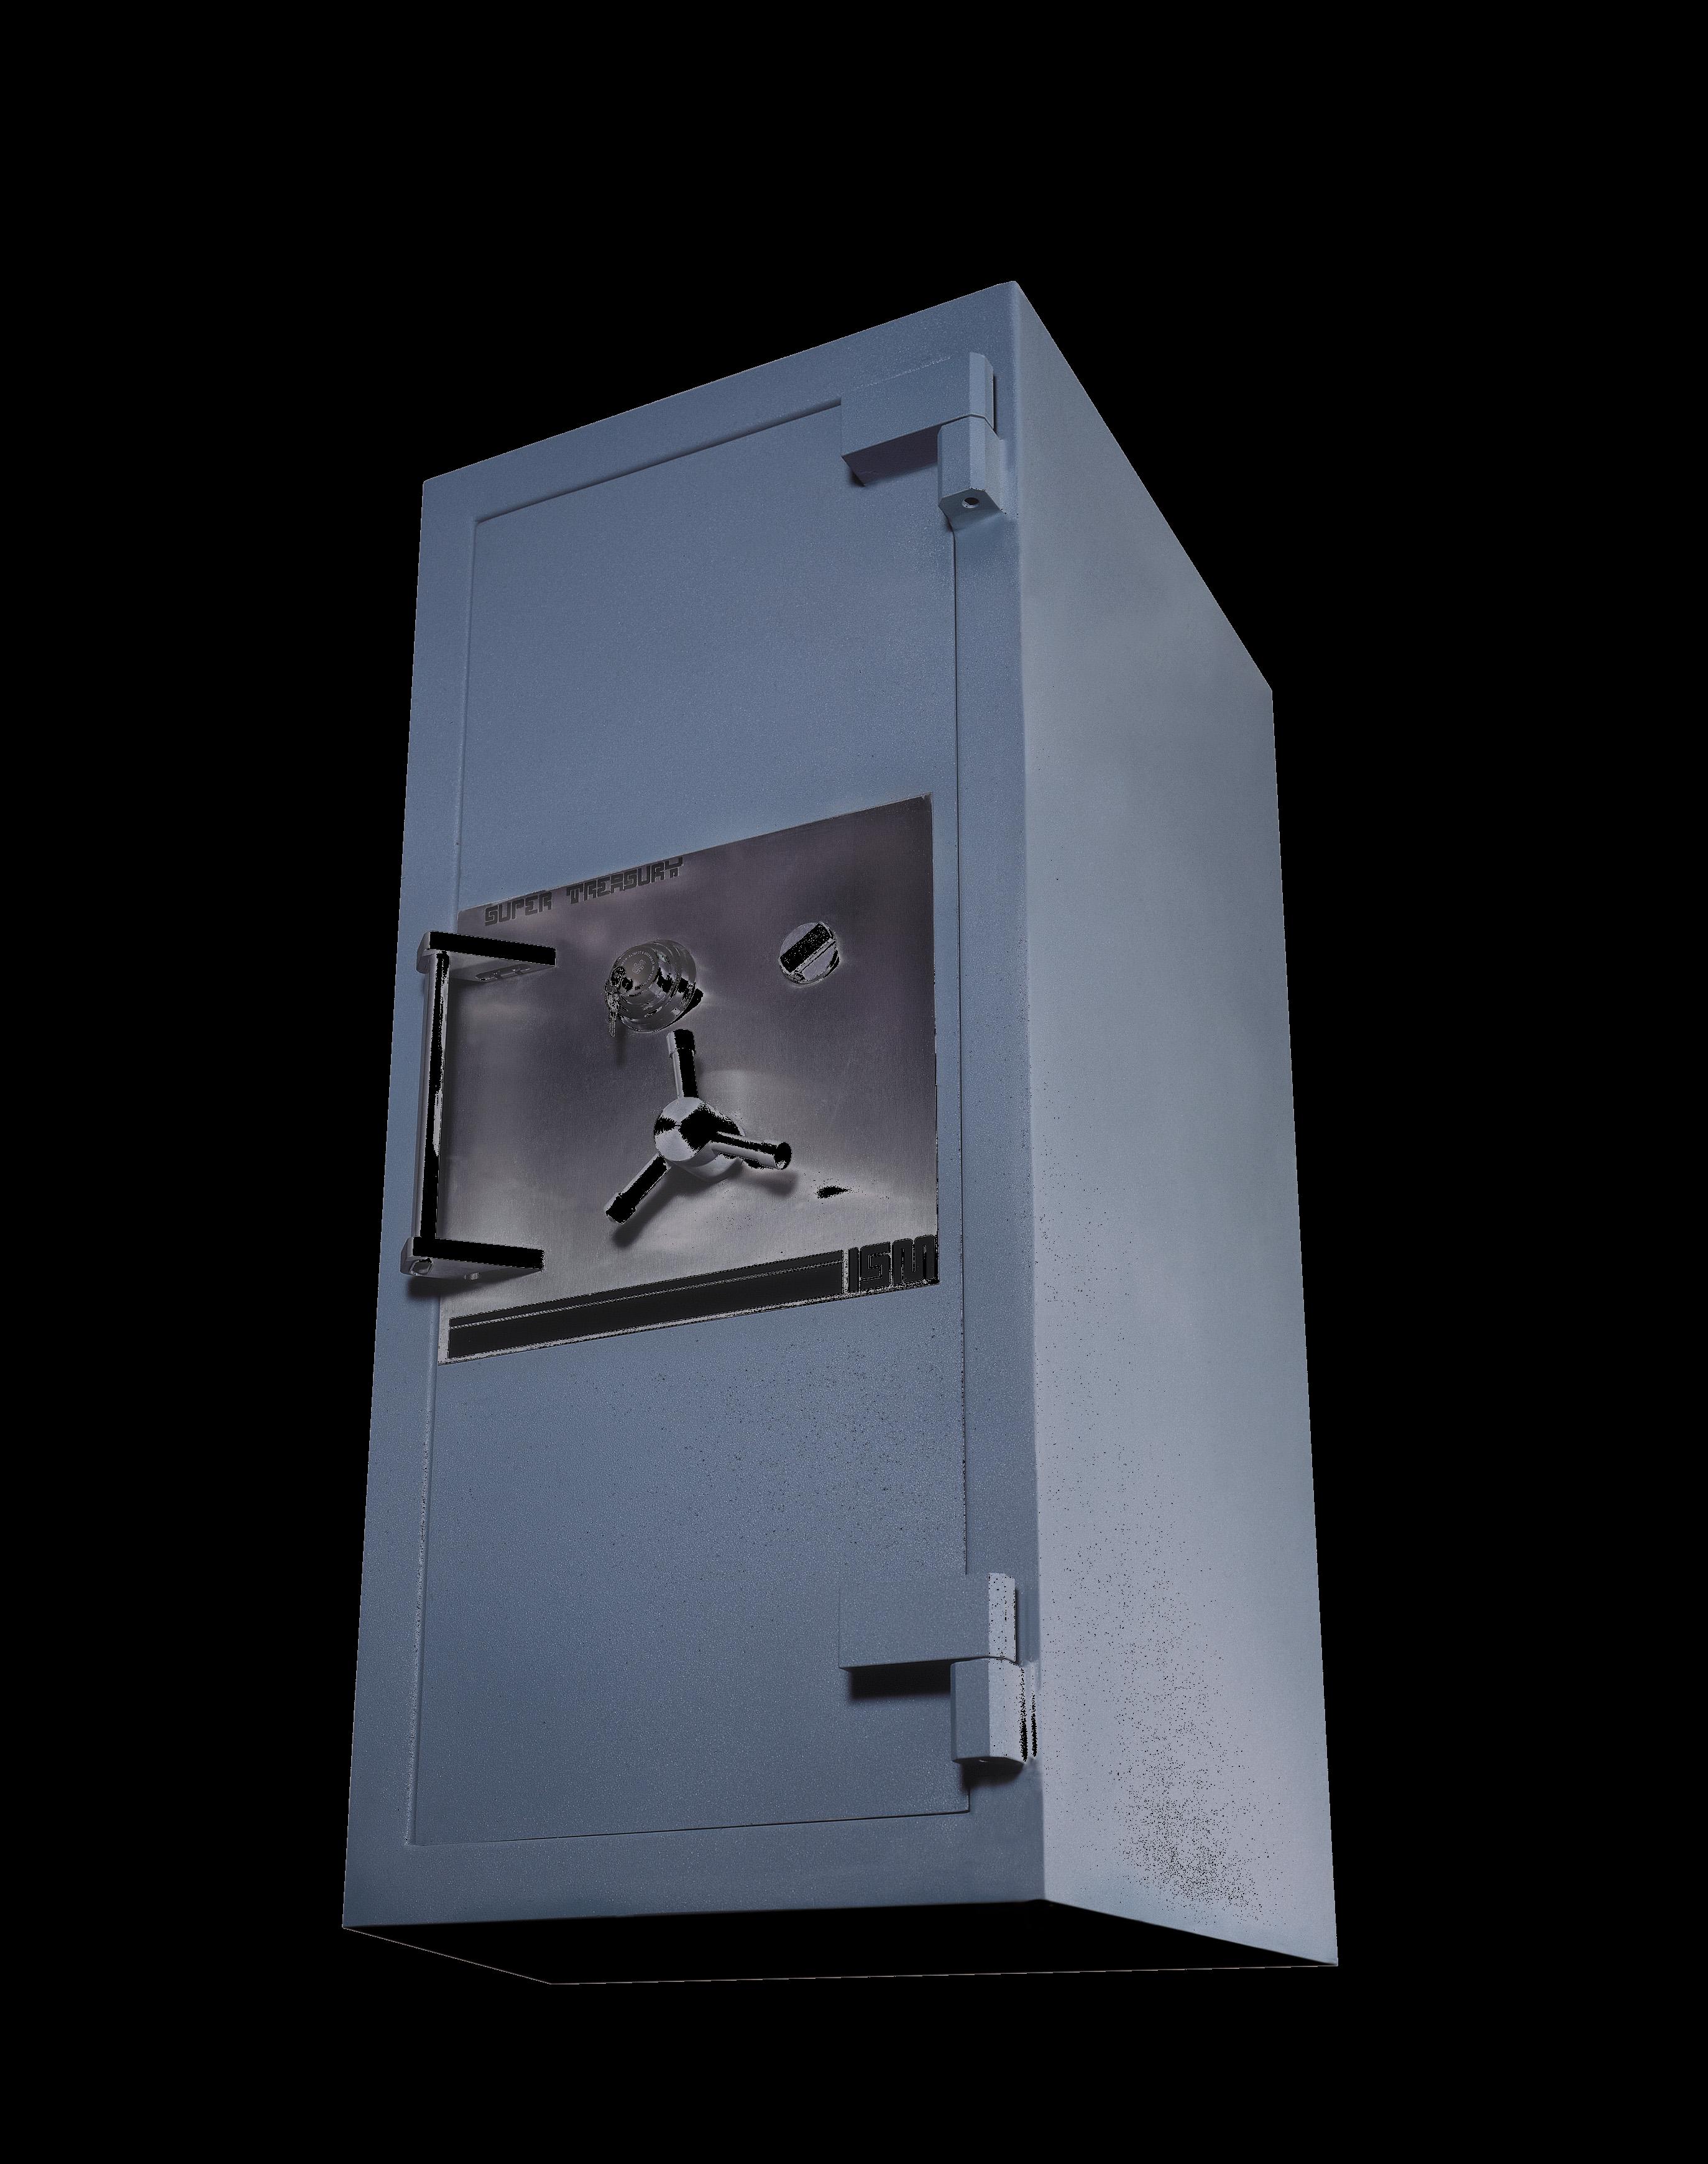 TRTL-30x6 ISM Super Treasury